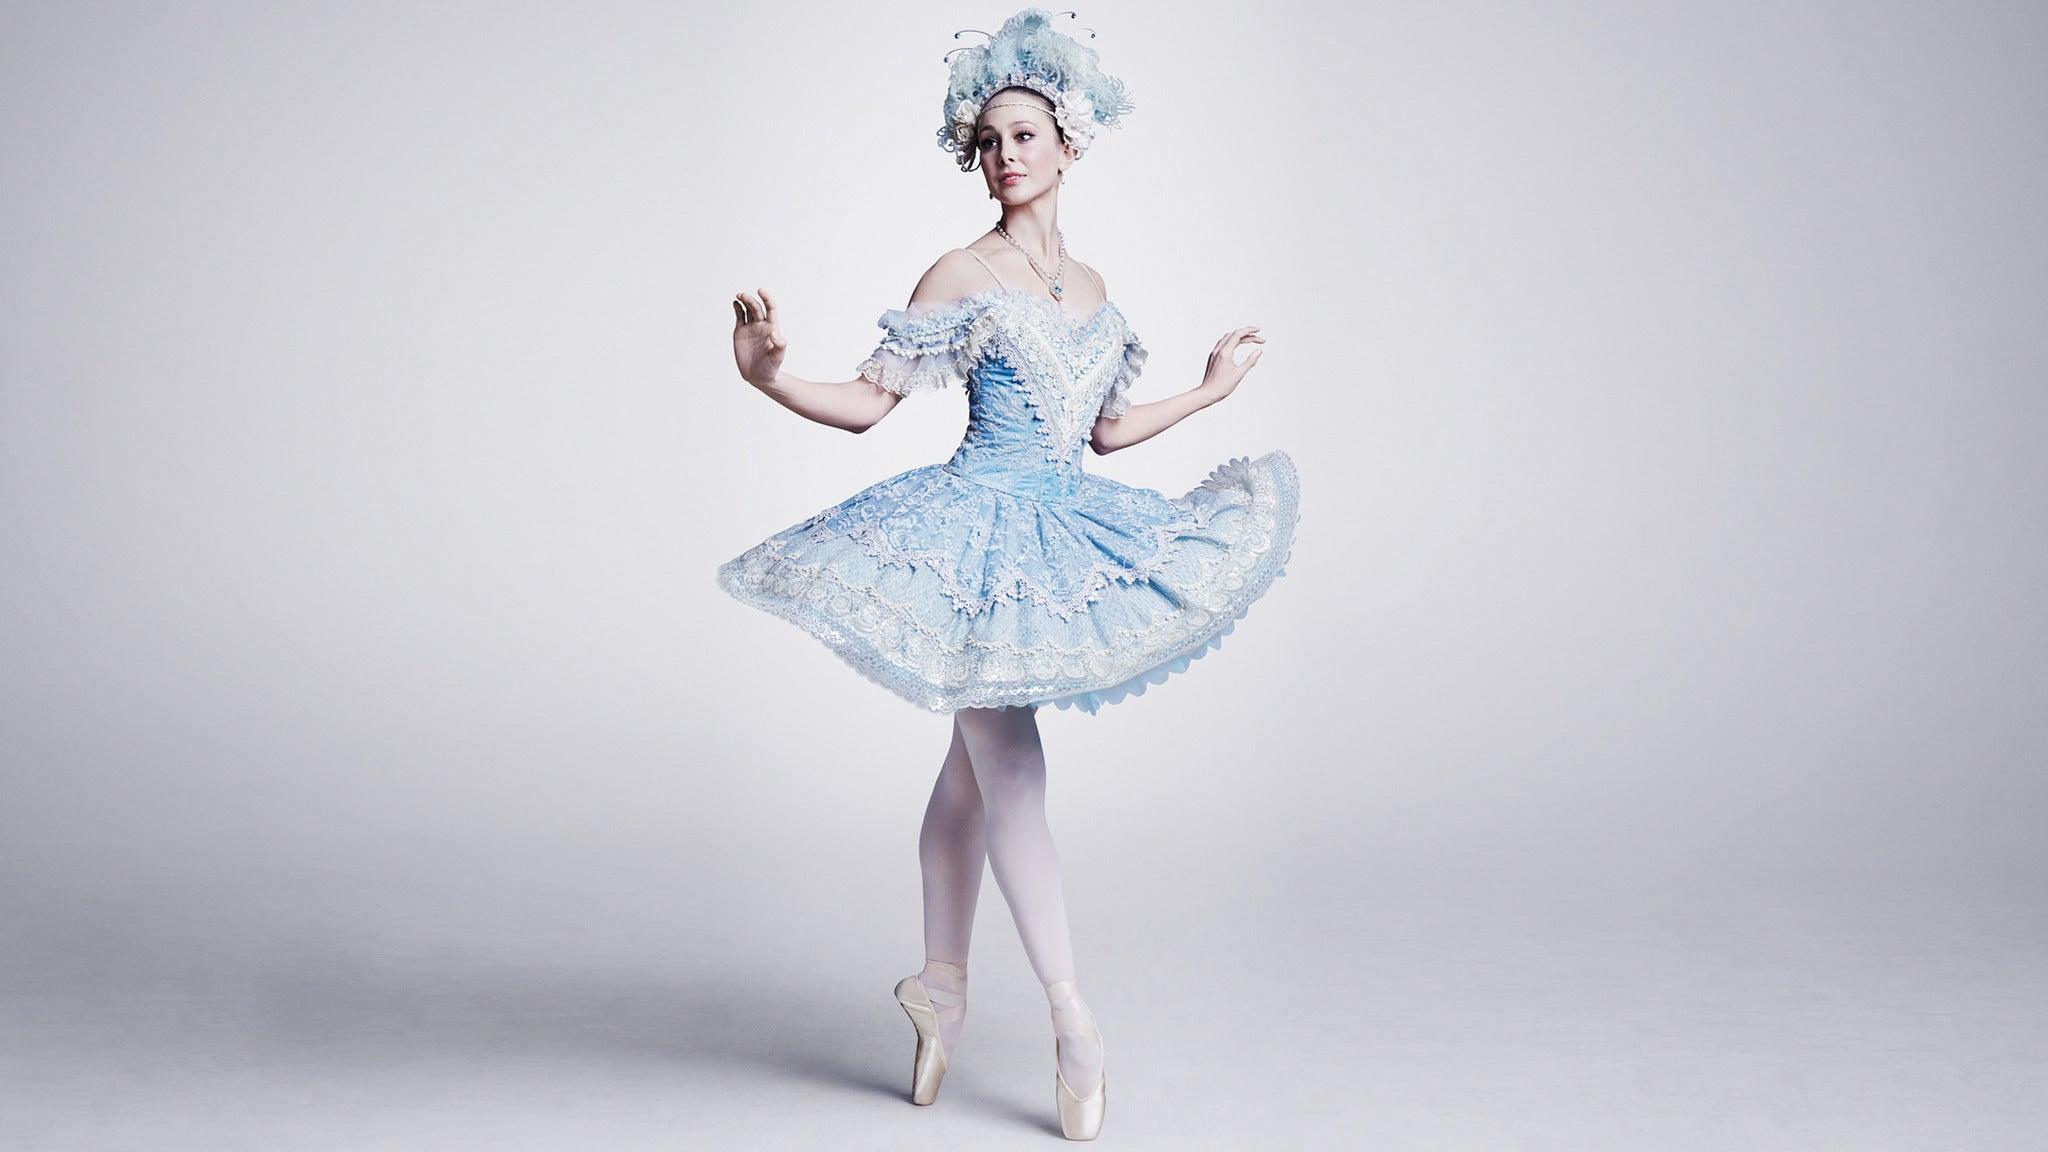 Los Angeles Ballet Presents: Coppelia at Royce Hall - UCLA - Los Angeles, CA 90095